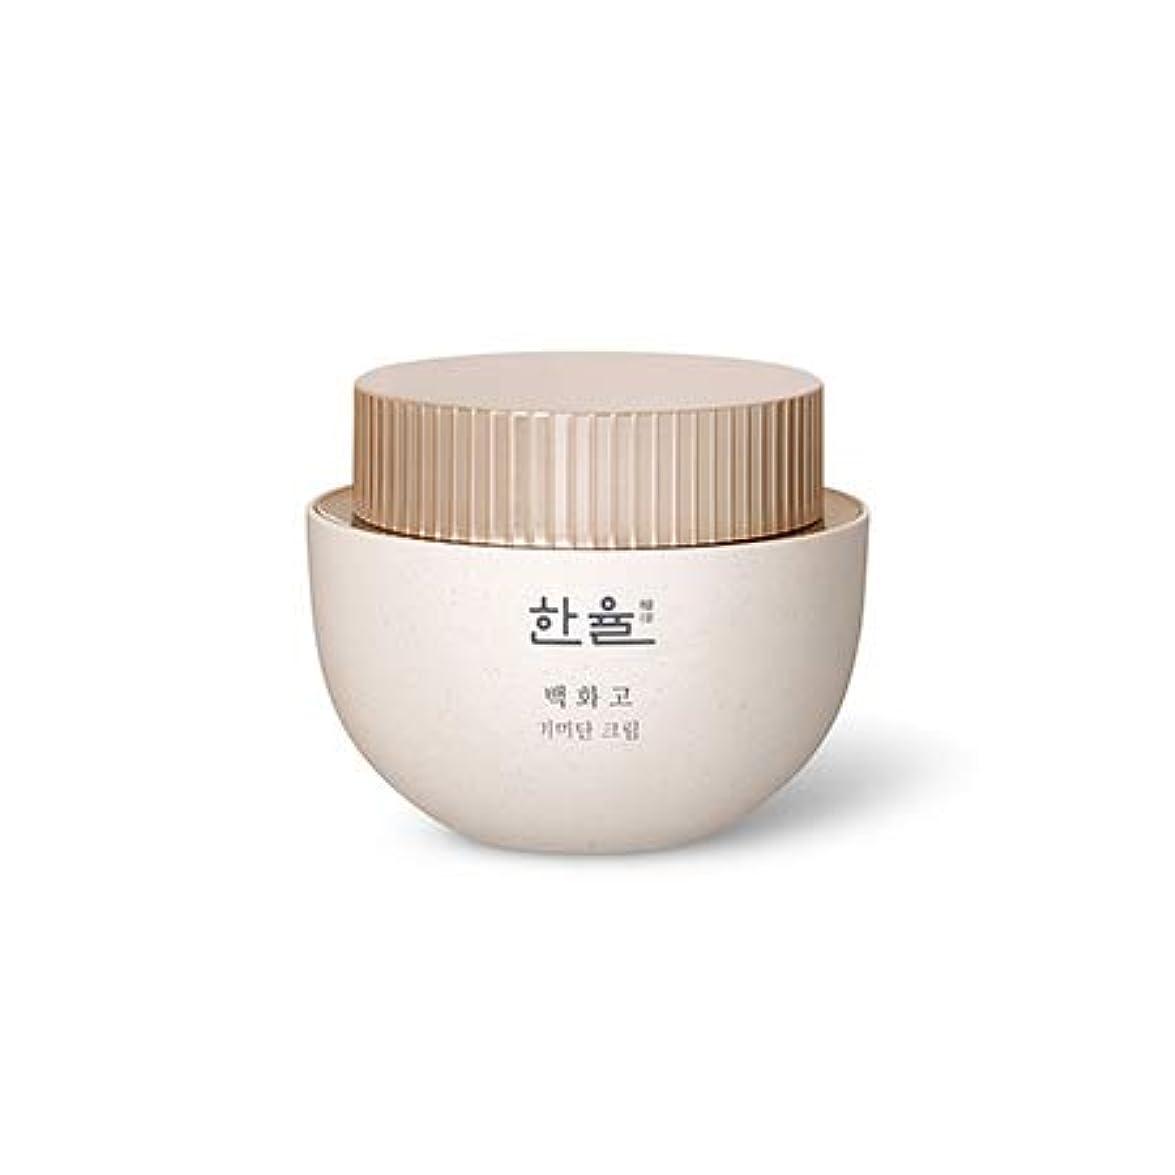 毒液ドット帰る[ハンユル.HANYUL]ベクファゴシミ段クリームHanyul Baek Hwa Goh Anti-Aging Cream(シミ、くすみなどの老化の兆候をケア)